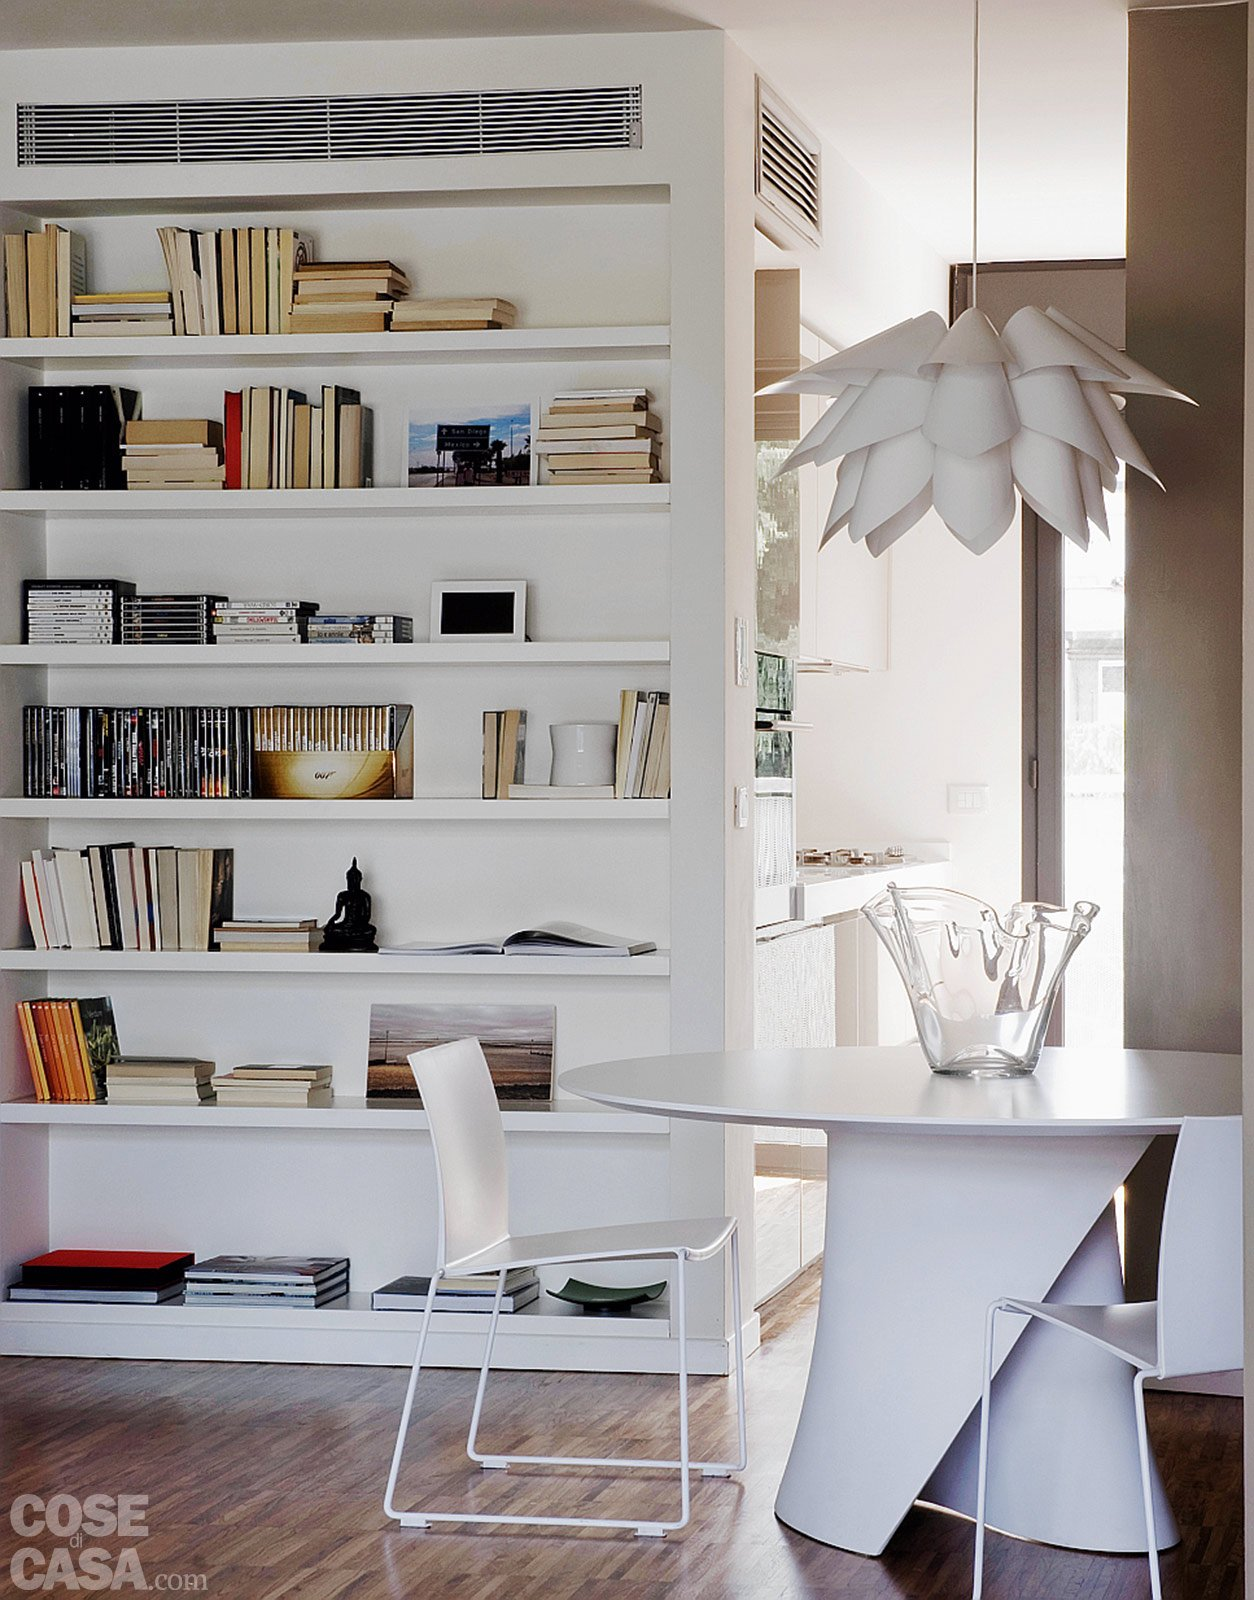 arredamento divisori cucina soggiorno ~ dragtime for . - Arredamento Divisori Cucina Soggiorno 2